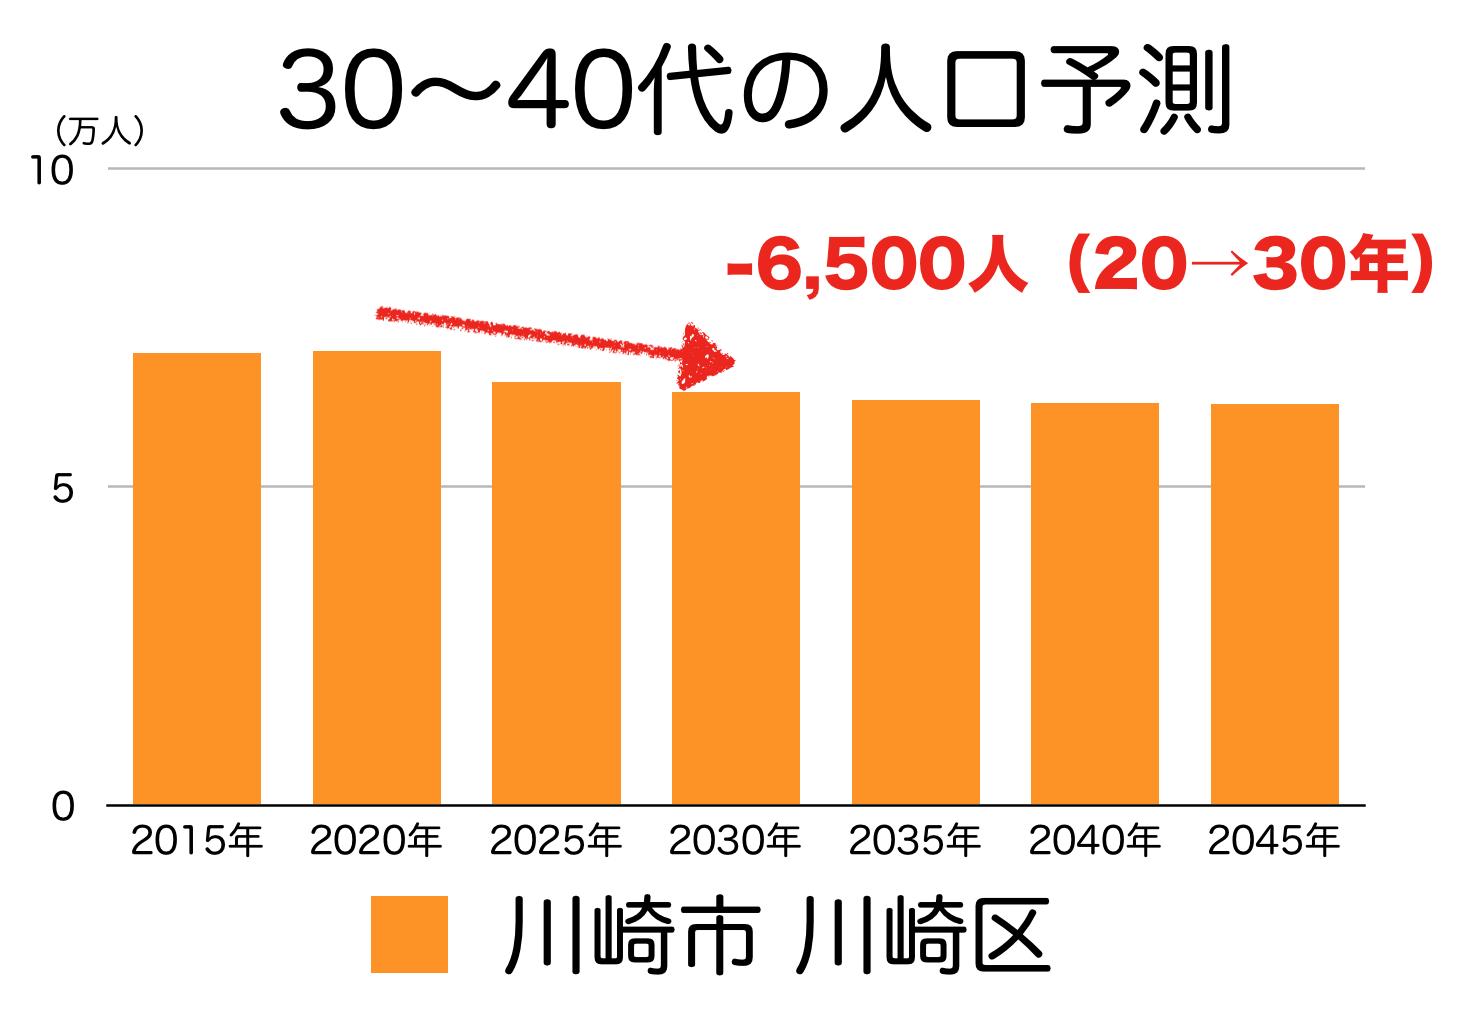 川崎市川崎区の30〜40代人口の予測